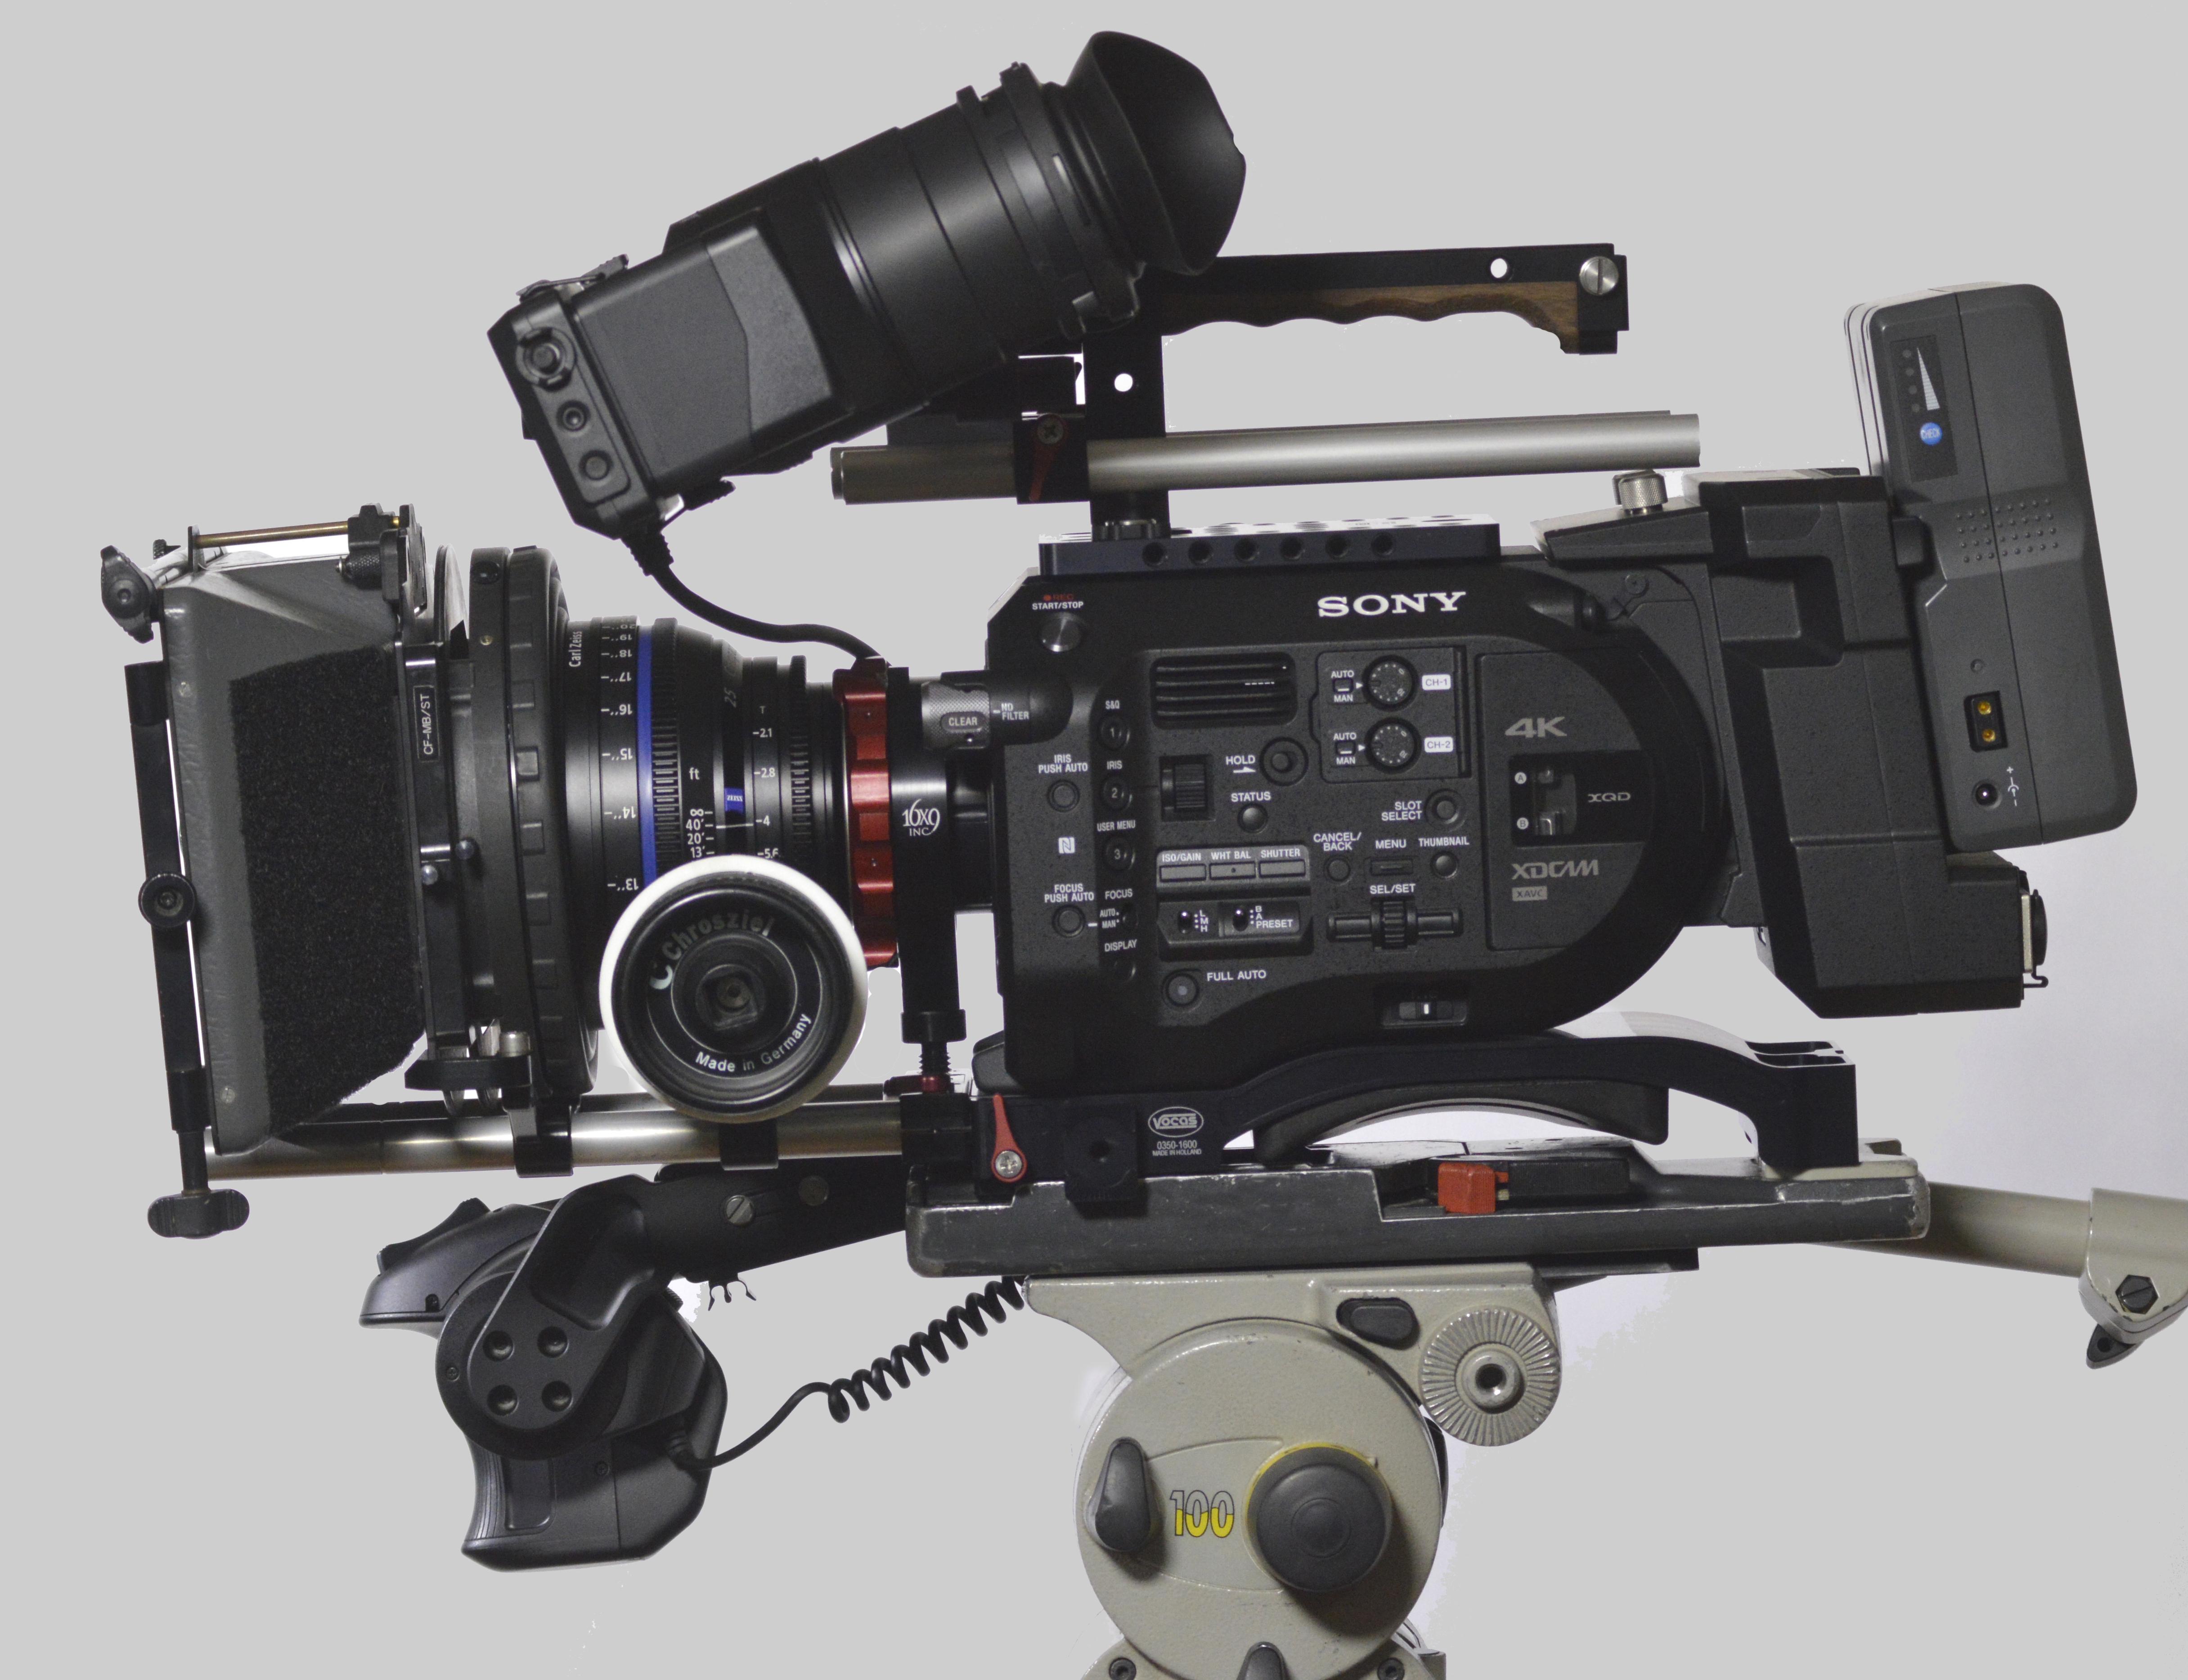 Sony PXW-Fs7 Camera